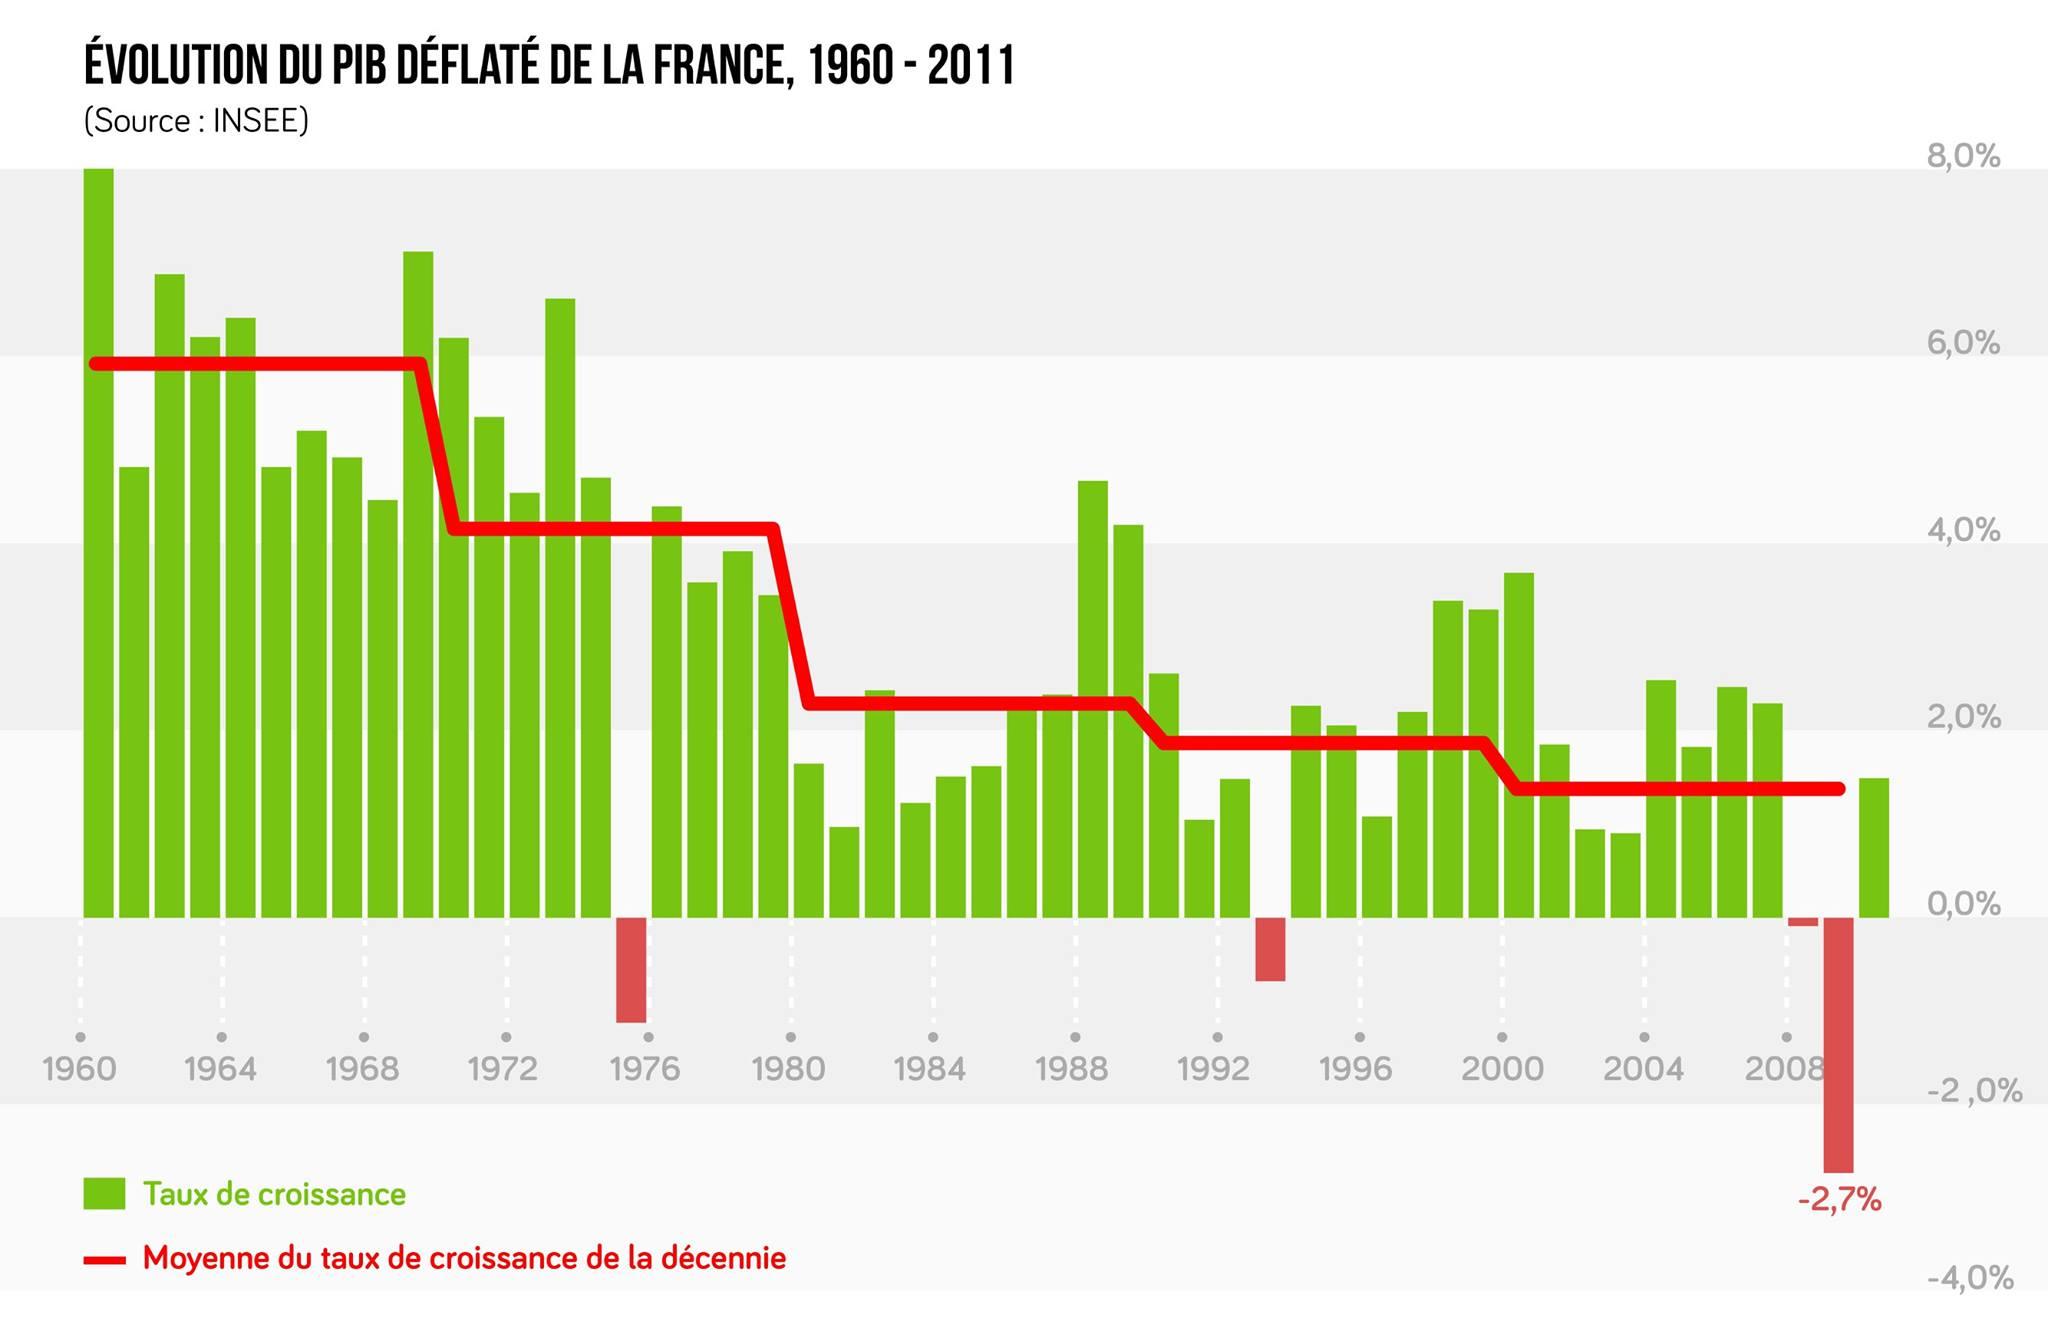 Evolution de la croissance en France depuis 1960